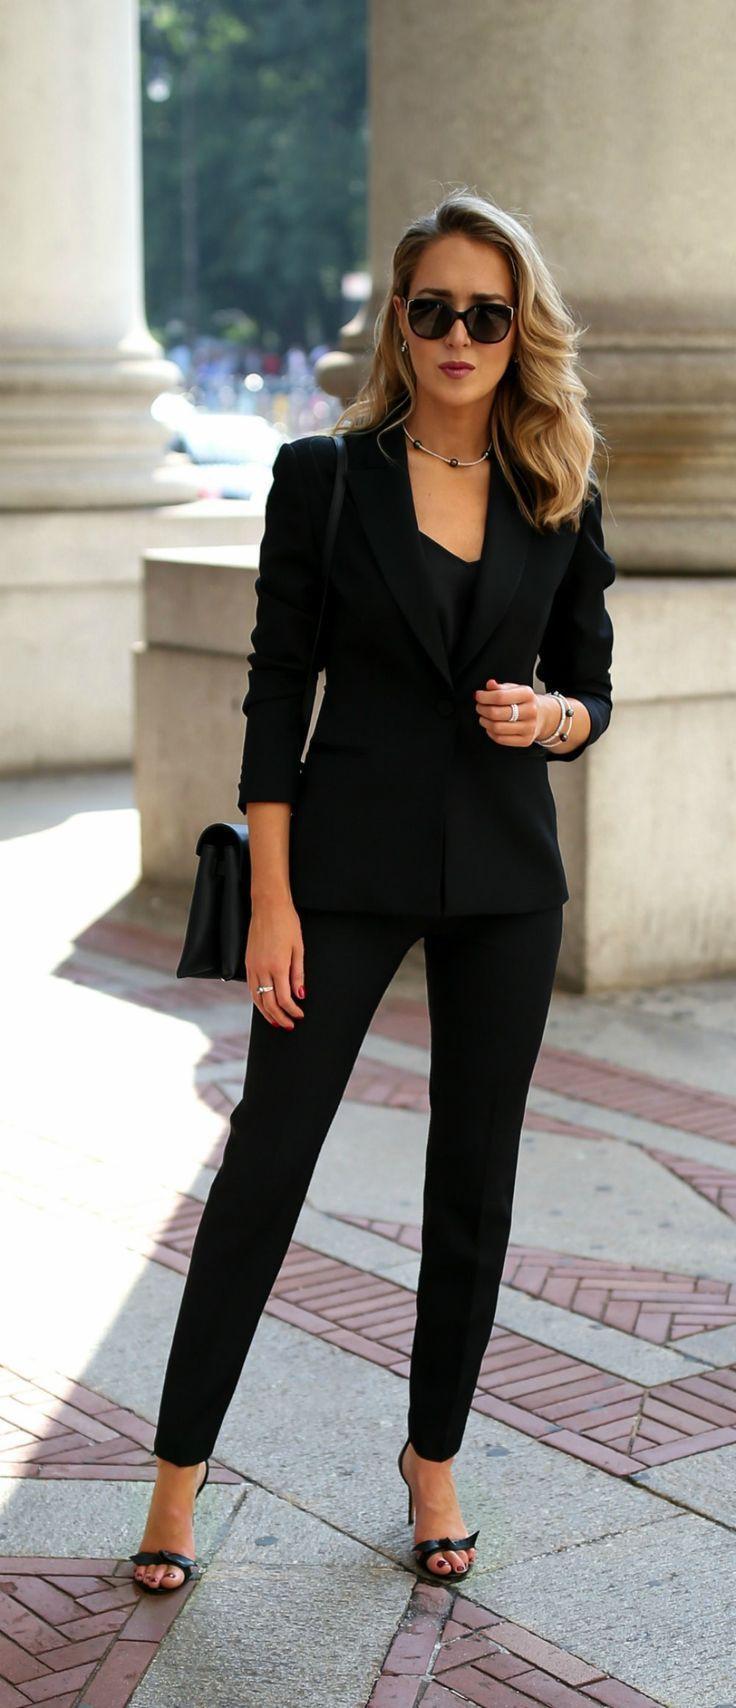 Black Pant Suit Dress